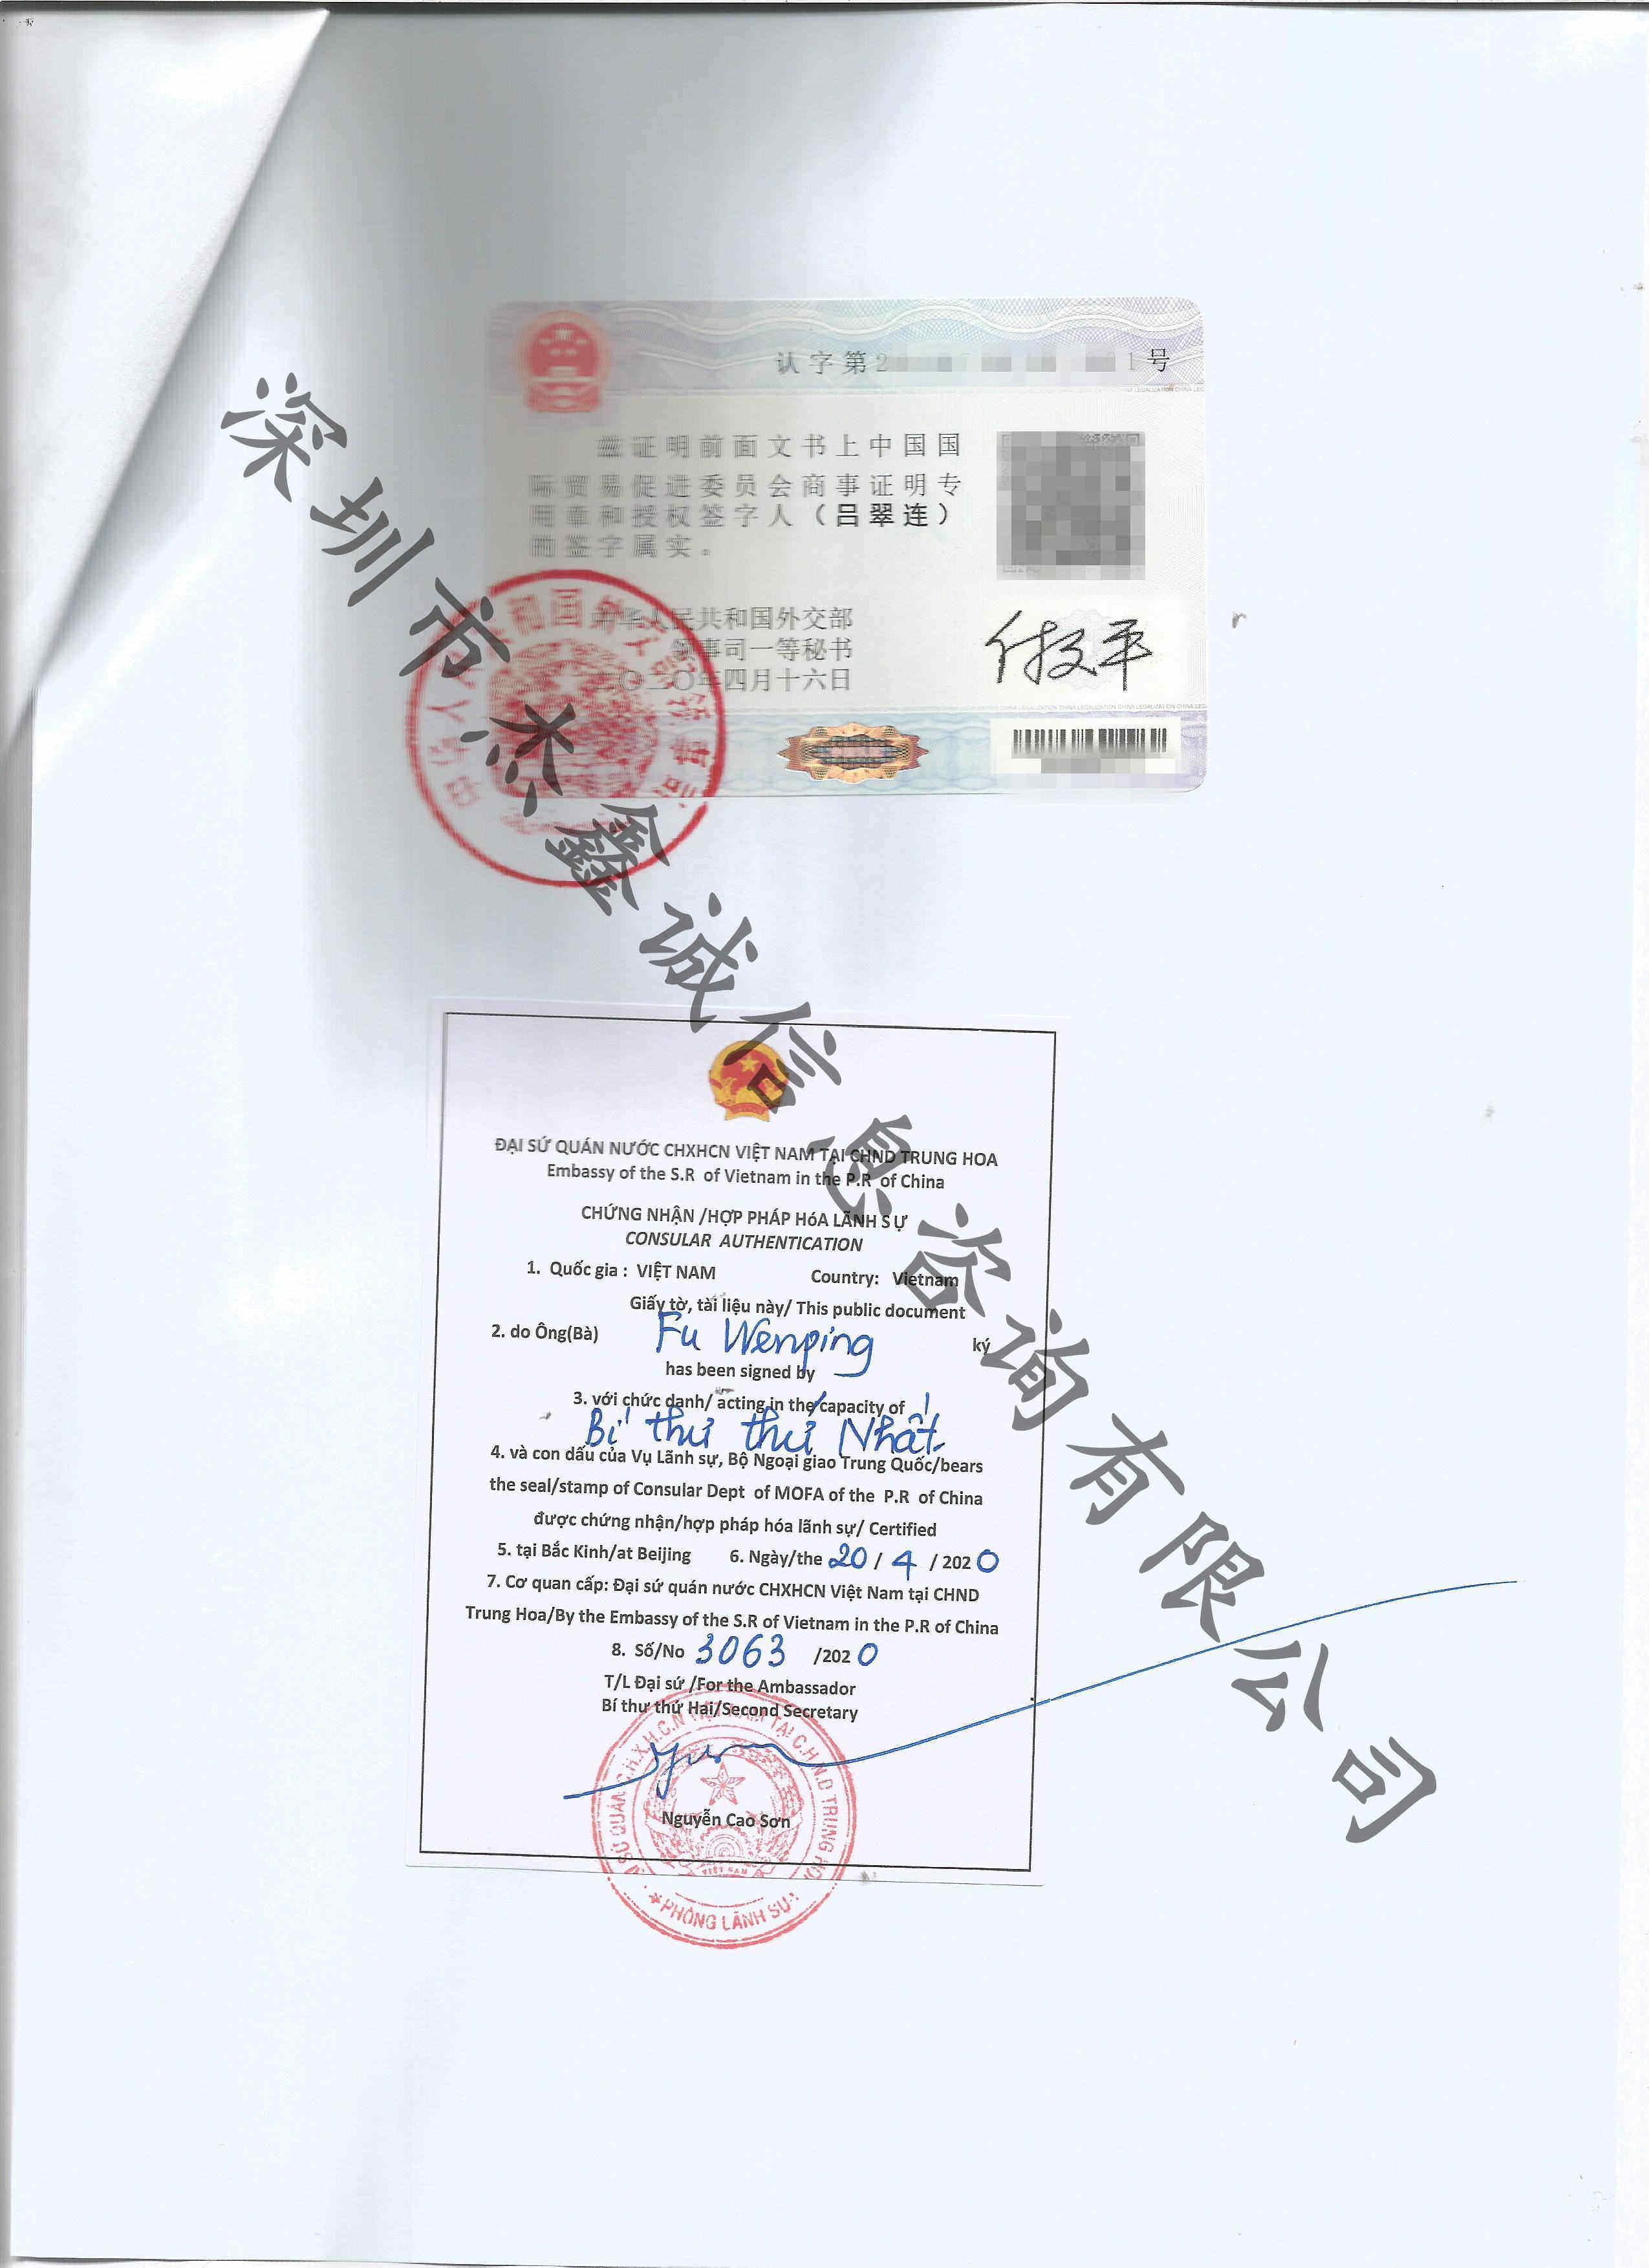 北京外交部认证电话_越南领事认证加签CE_CCPIT加签|领事馆加签|商会认证|领事馆认证 ...